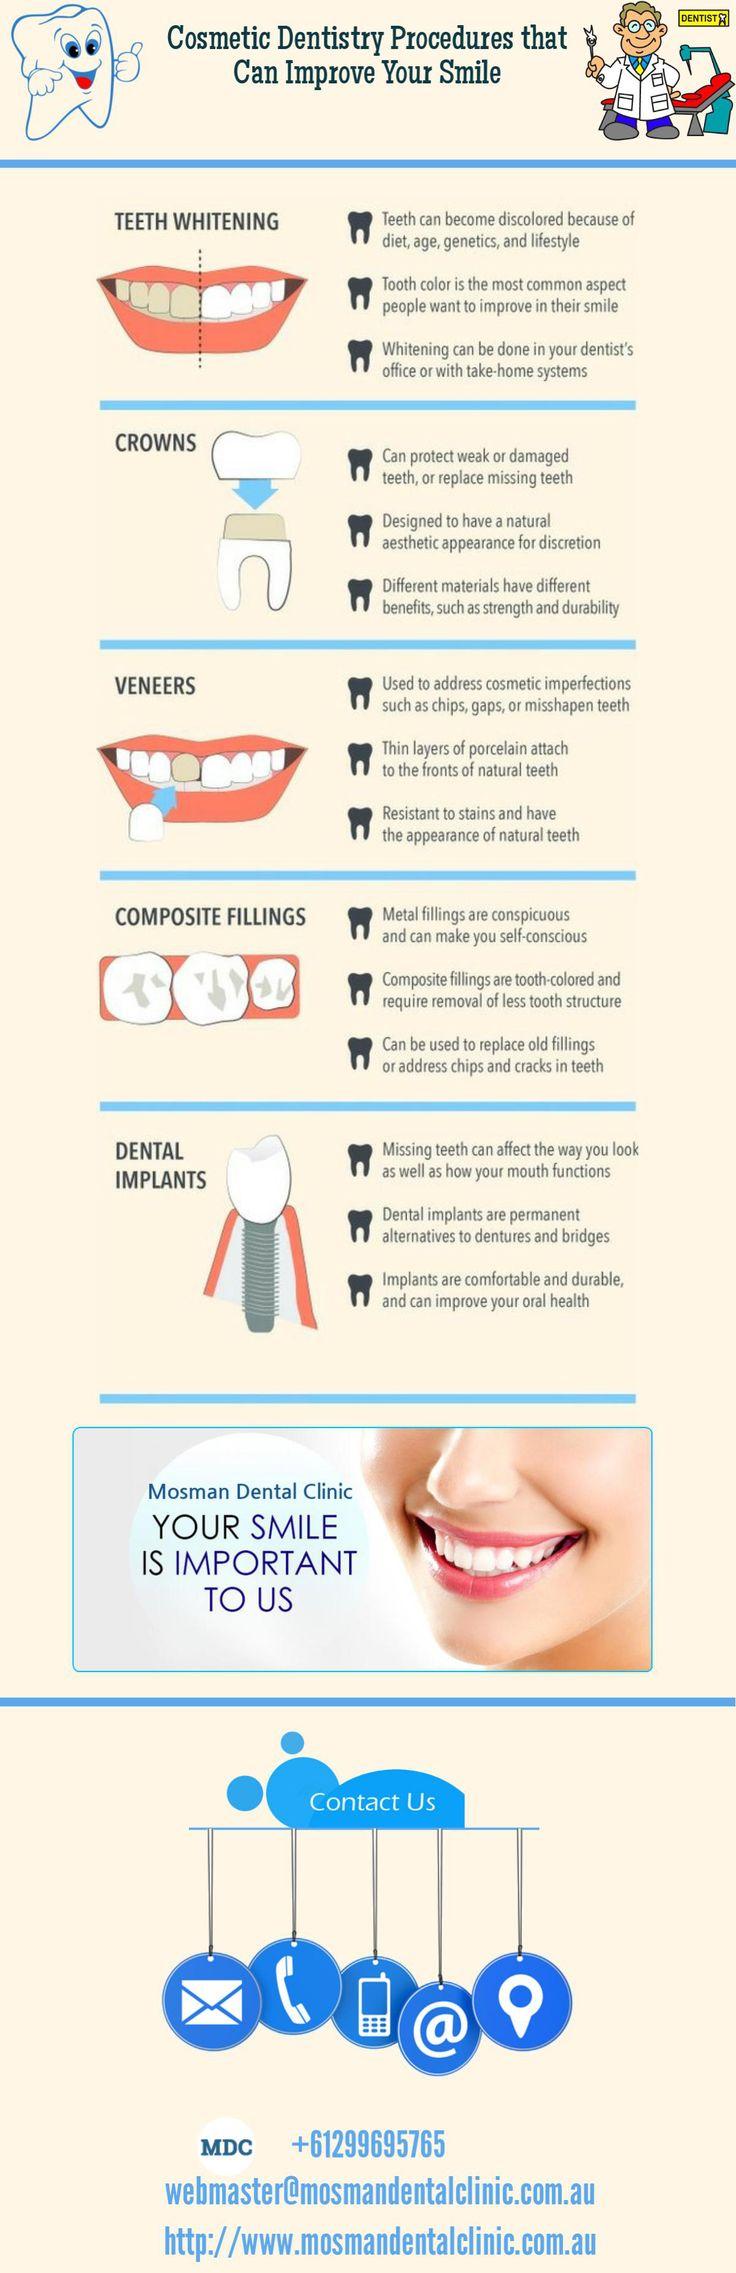 Dental Implant Quotes 252 Best Dental Implant Images On Pinterest  Dental Implants